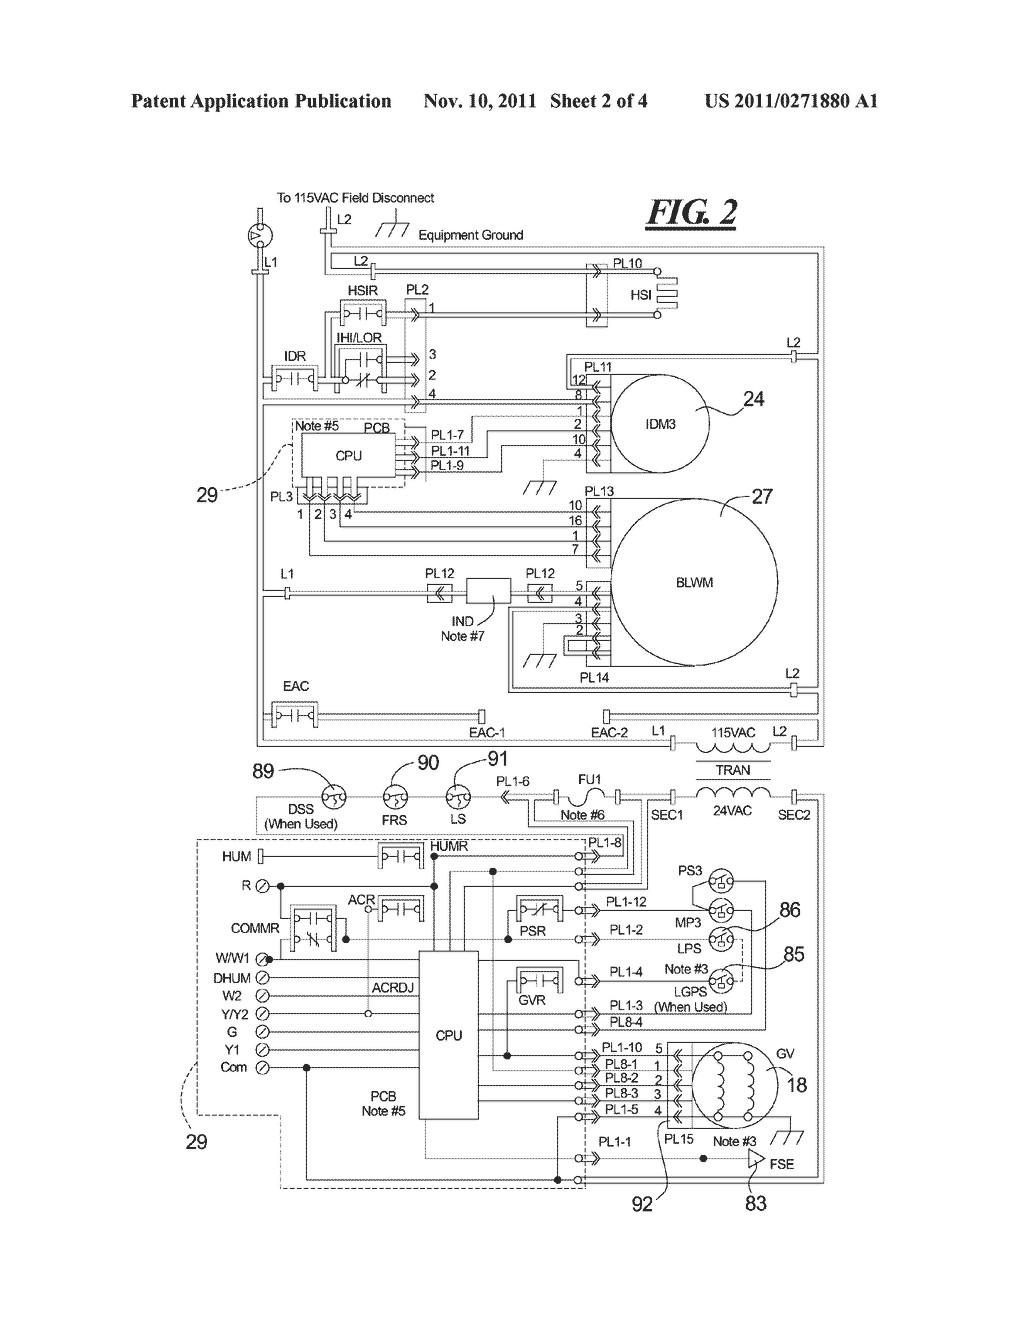 Gas Furnace Wiring Diagram : furnace, wiring, diagram, SX_2335], Wiring, Diagram, Older, Furnace, Schematic